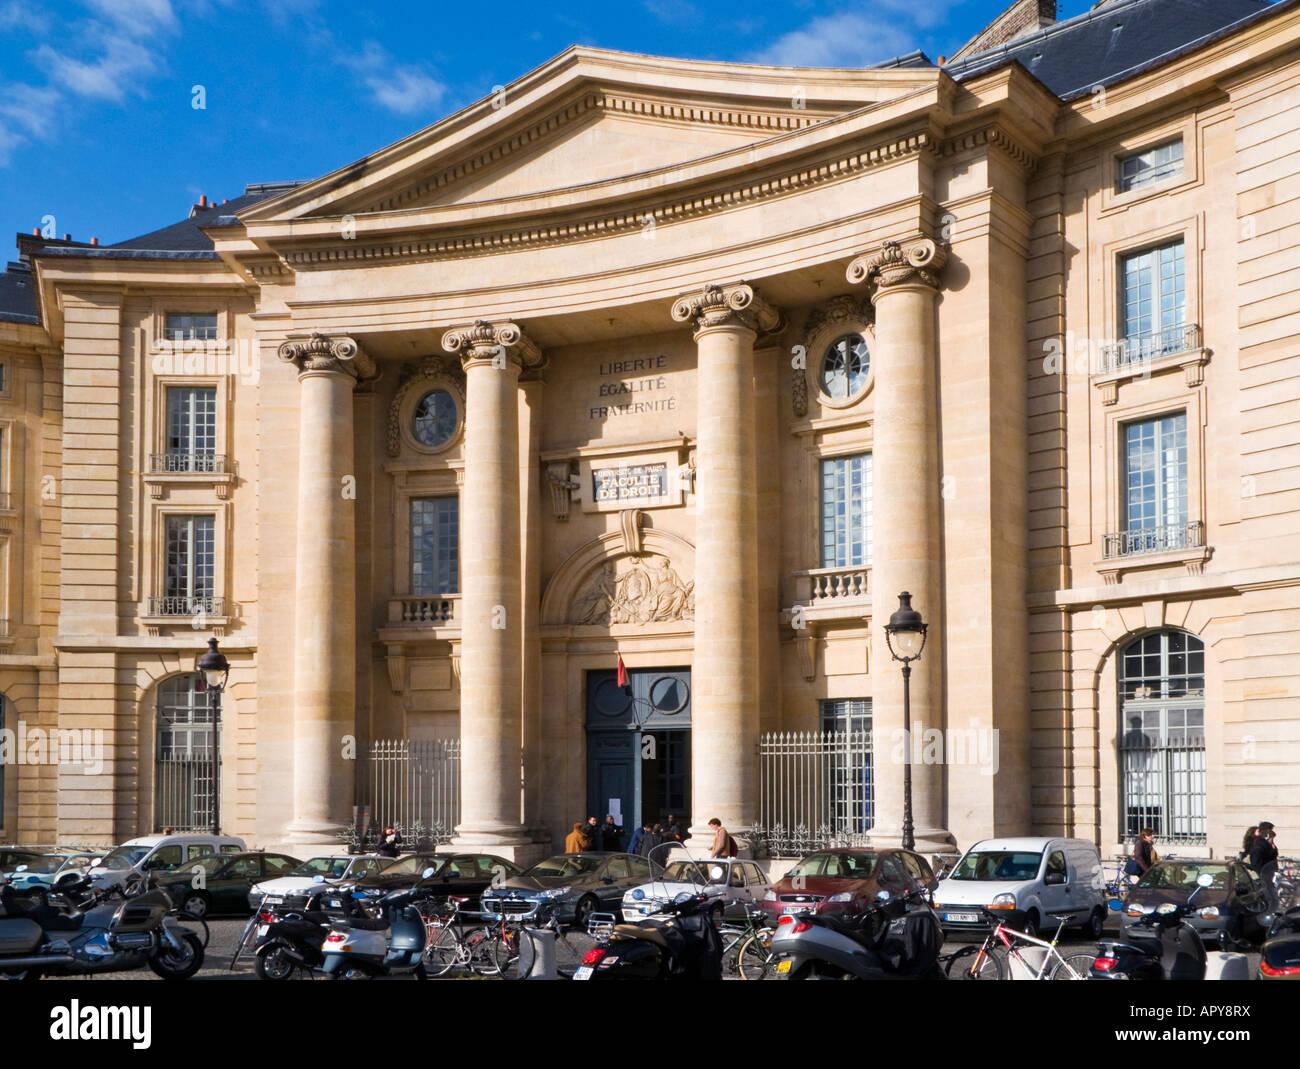 Universite de Paris Faculte de Droit, Paris, France Europe - Stock Image